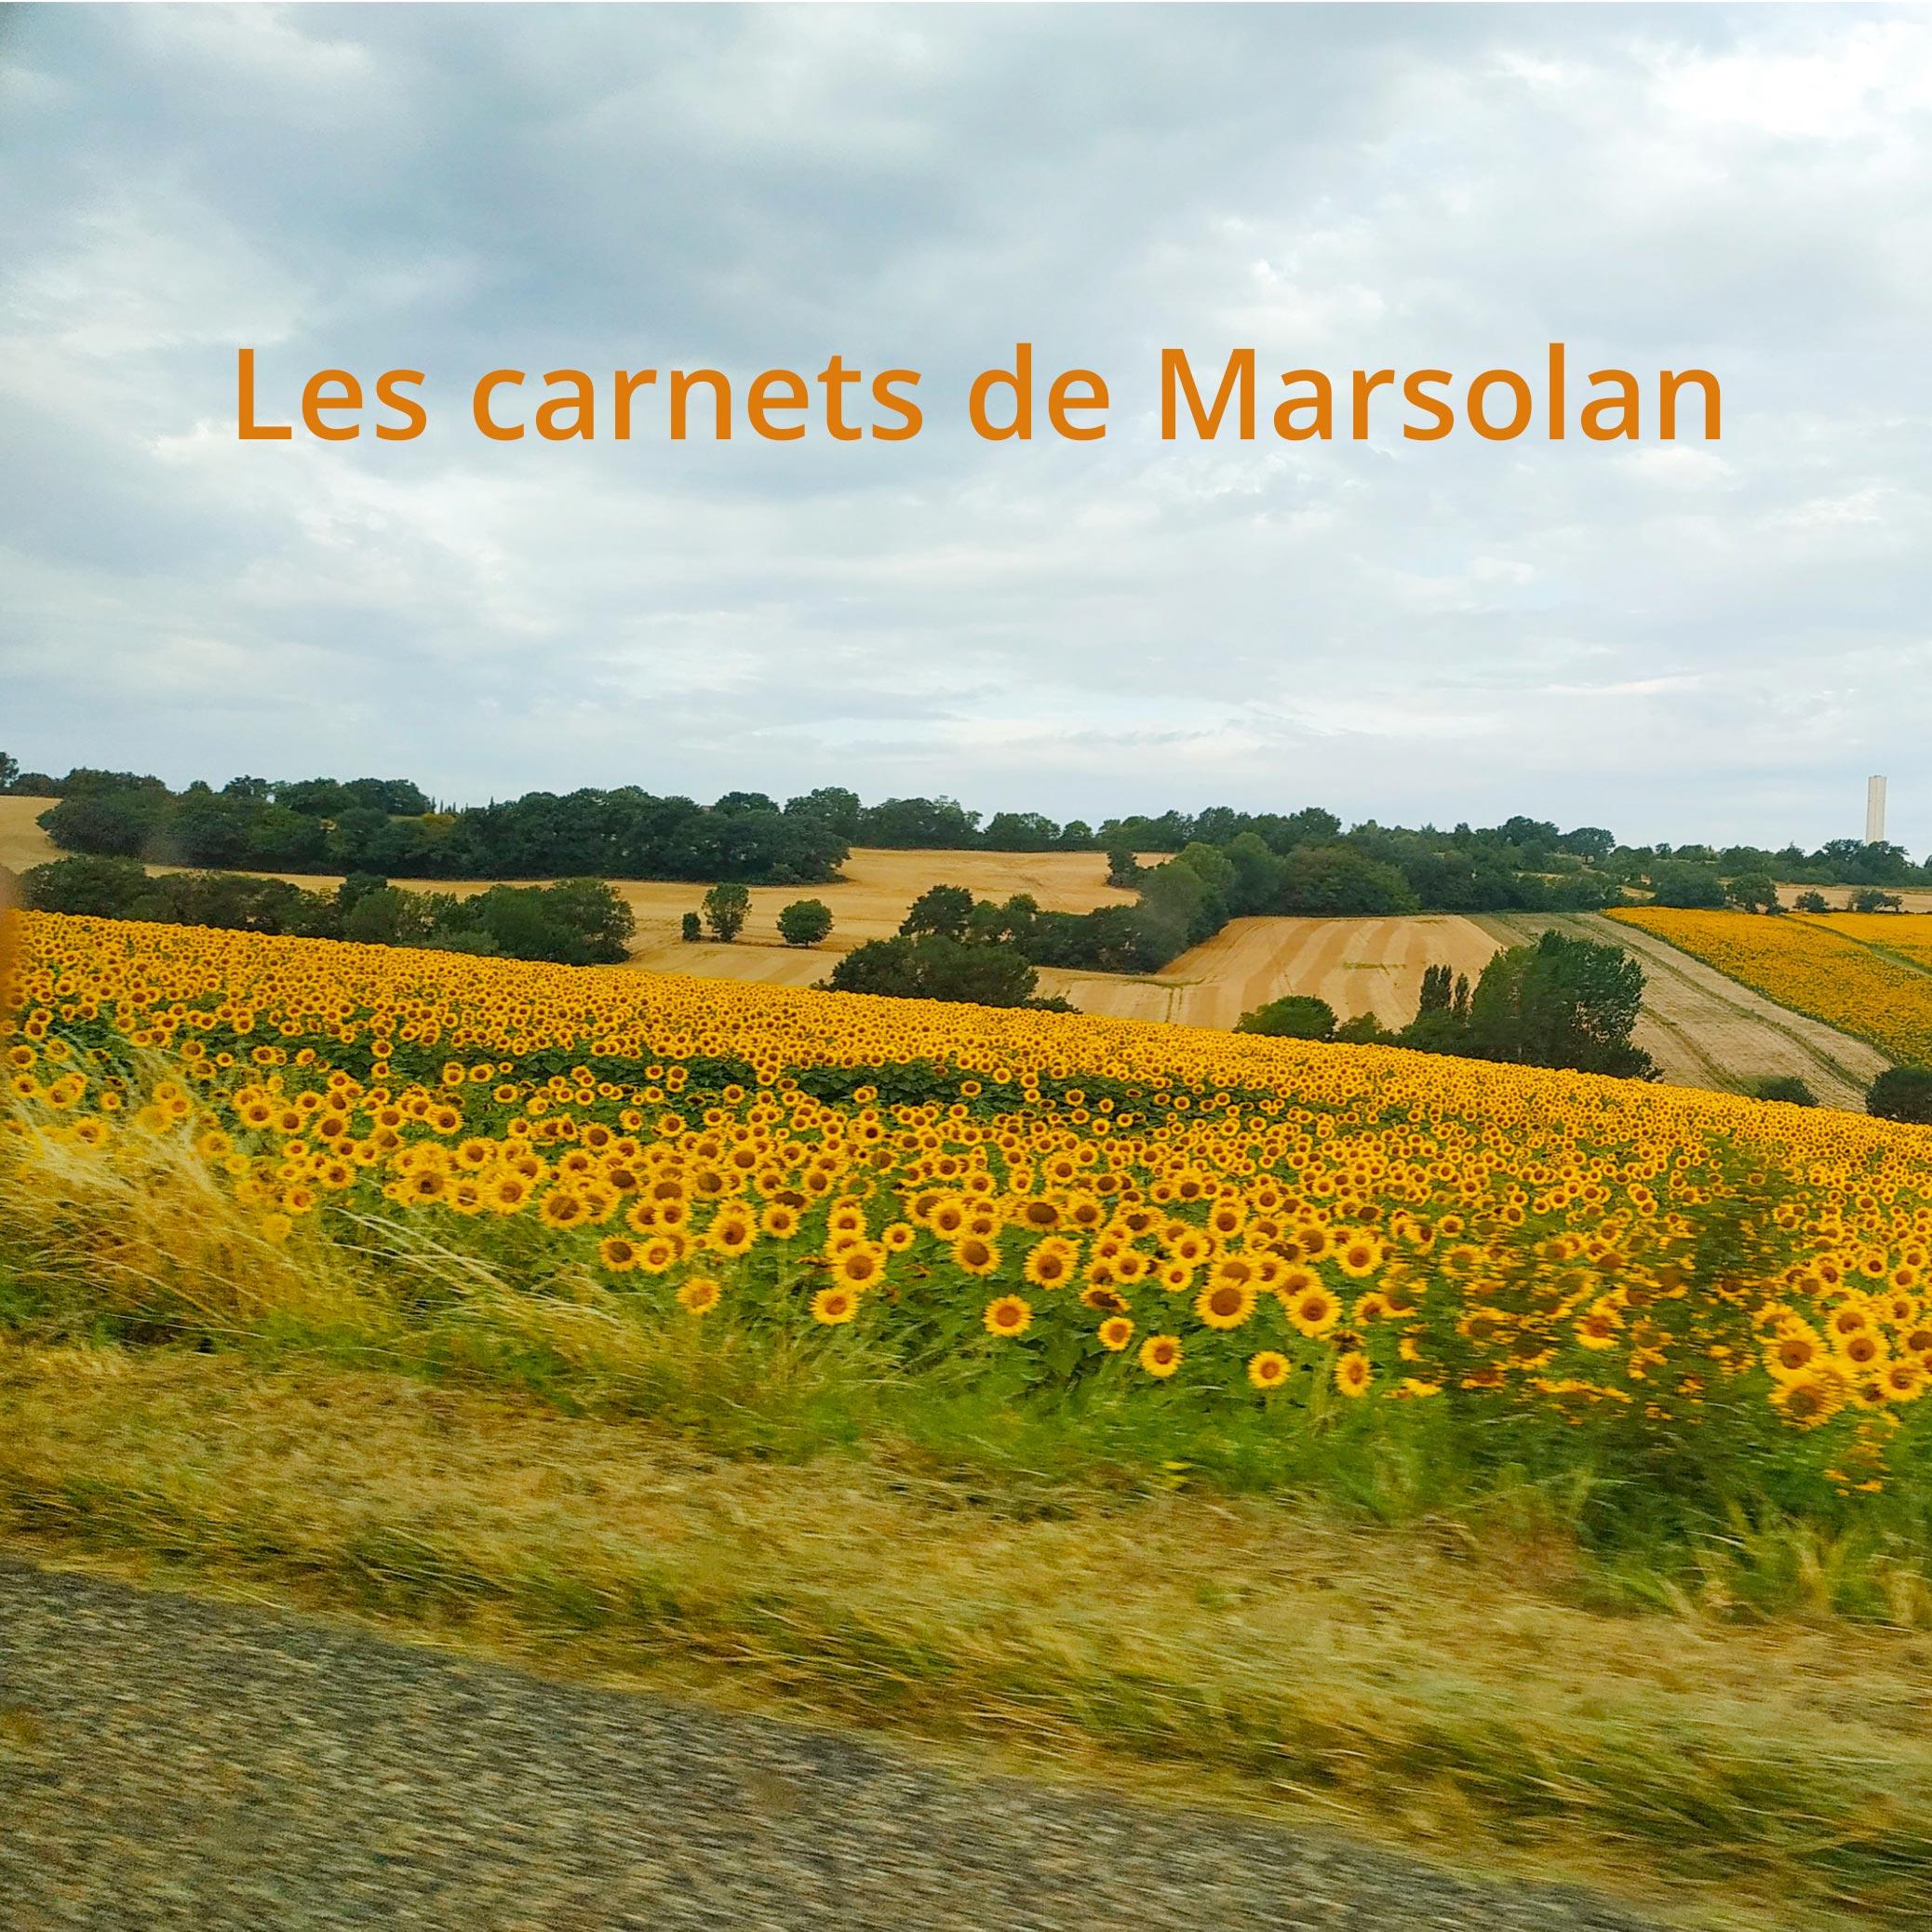 les_carnets_de_marsolan